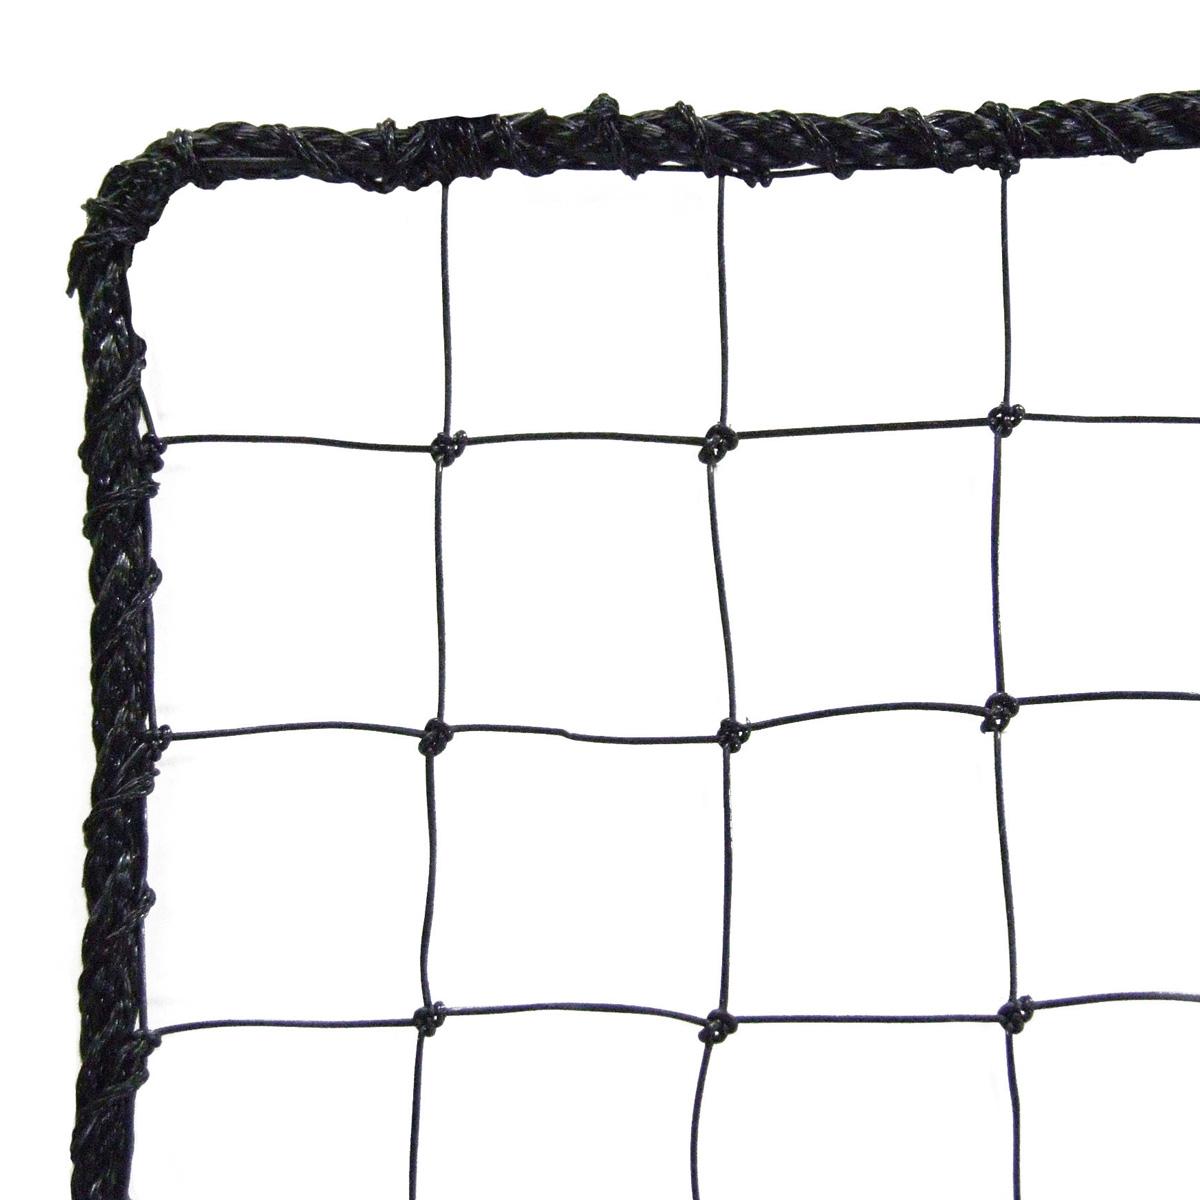 加工オプション 周囲ロープ(Φ4.0)